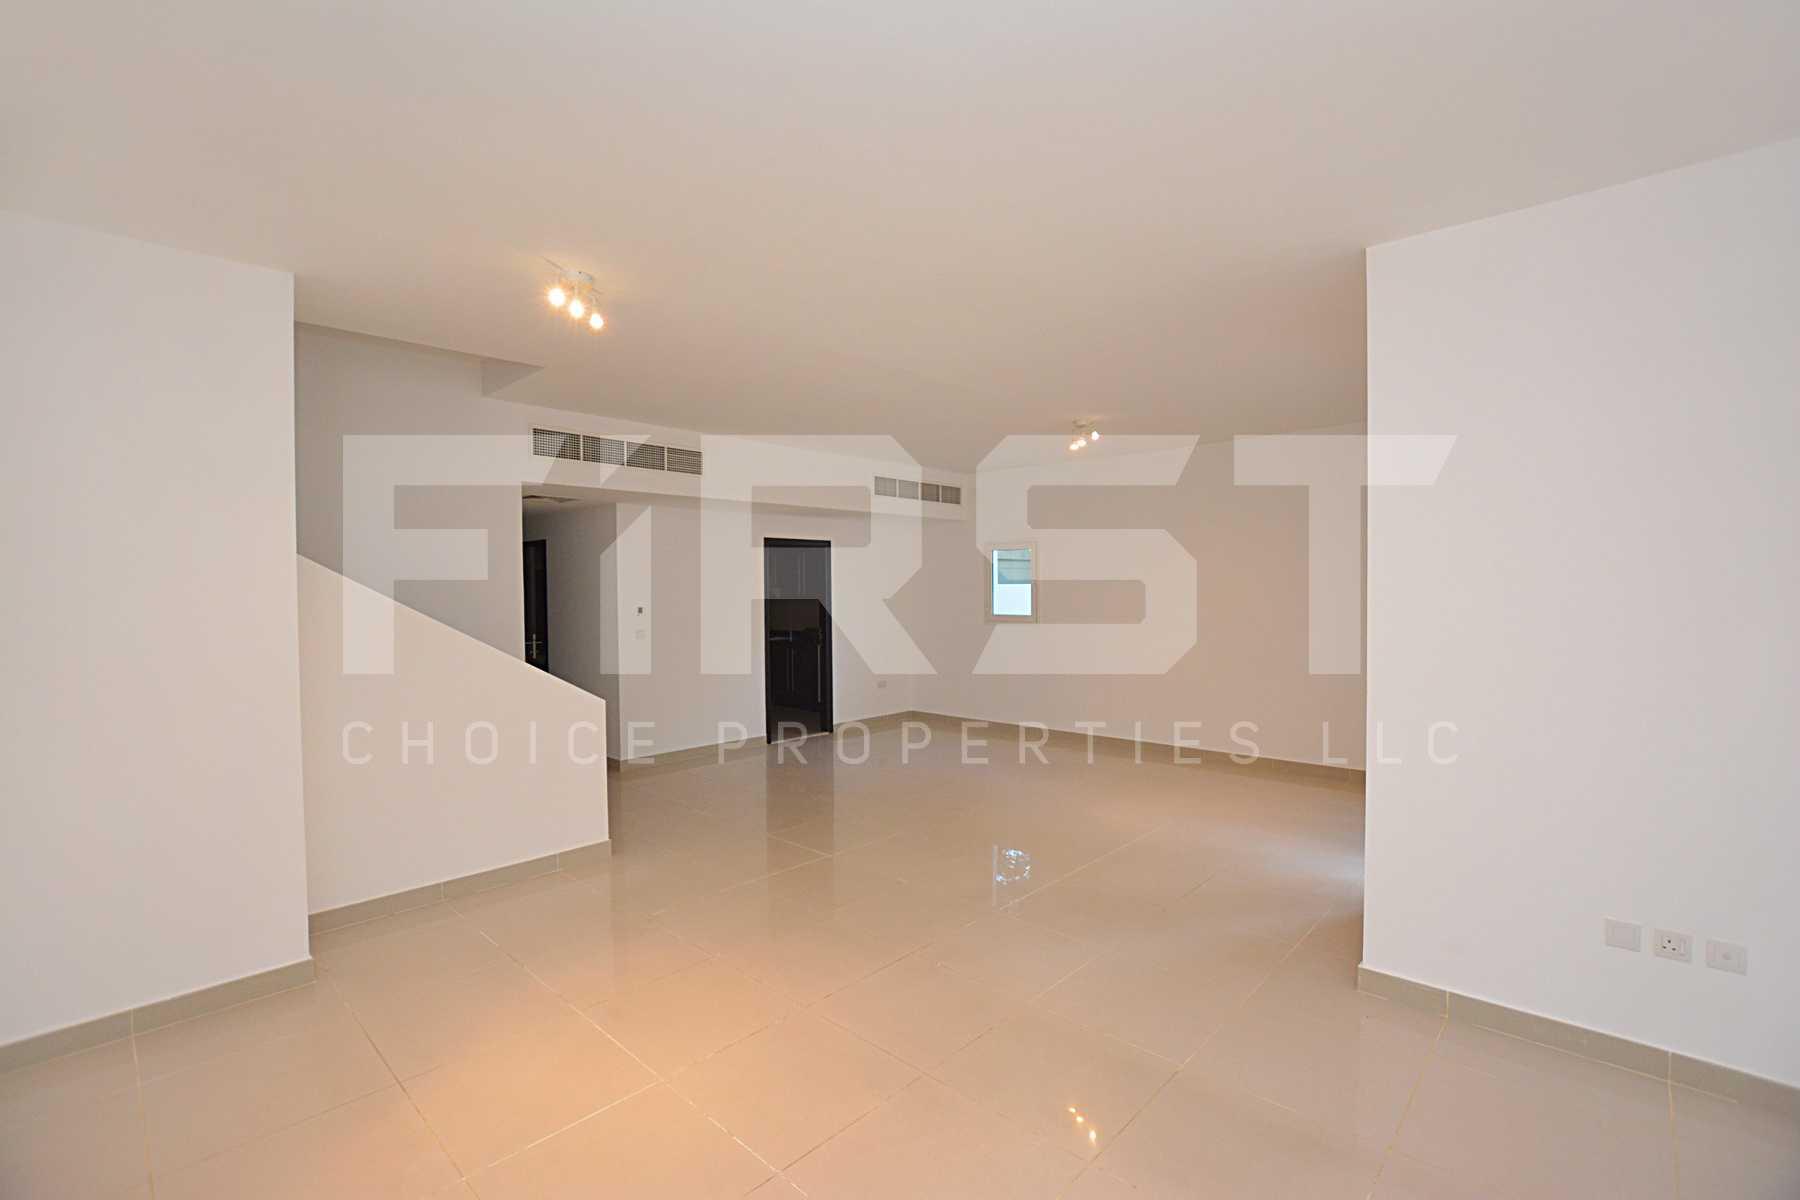 Internal Photo of 5 Bedroom Villa in Al Reef Villas 348.3 sq.m 3749 sq.ft (99).jpg